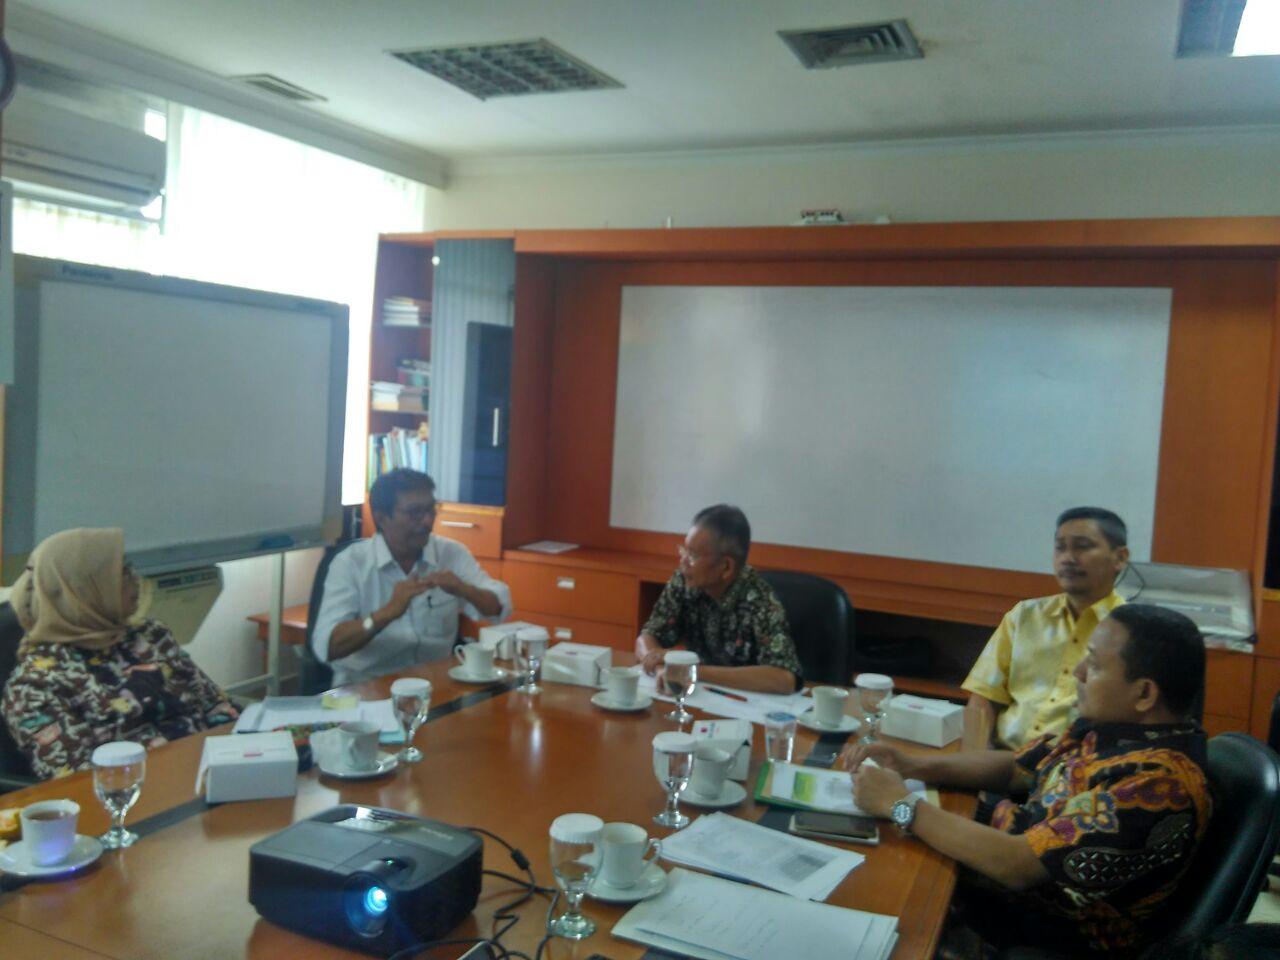 Sekretariat Wakil Presiden Merespon Baik Keluhan APTRI Tentang Surat Mendag